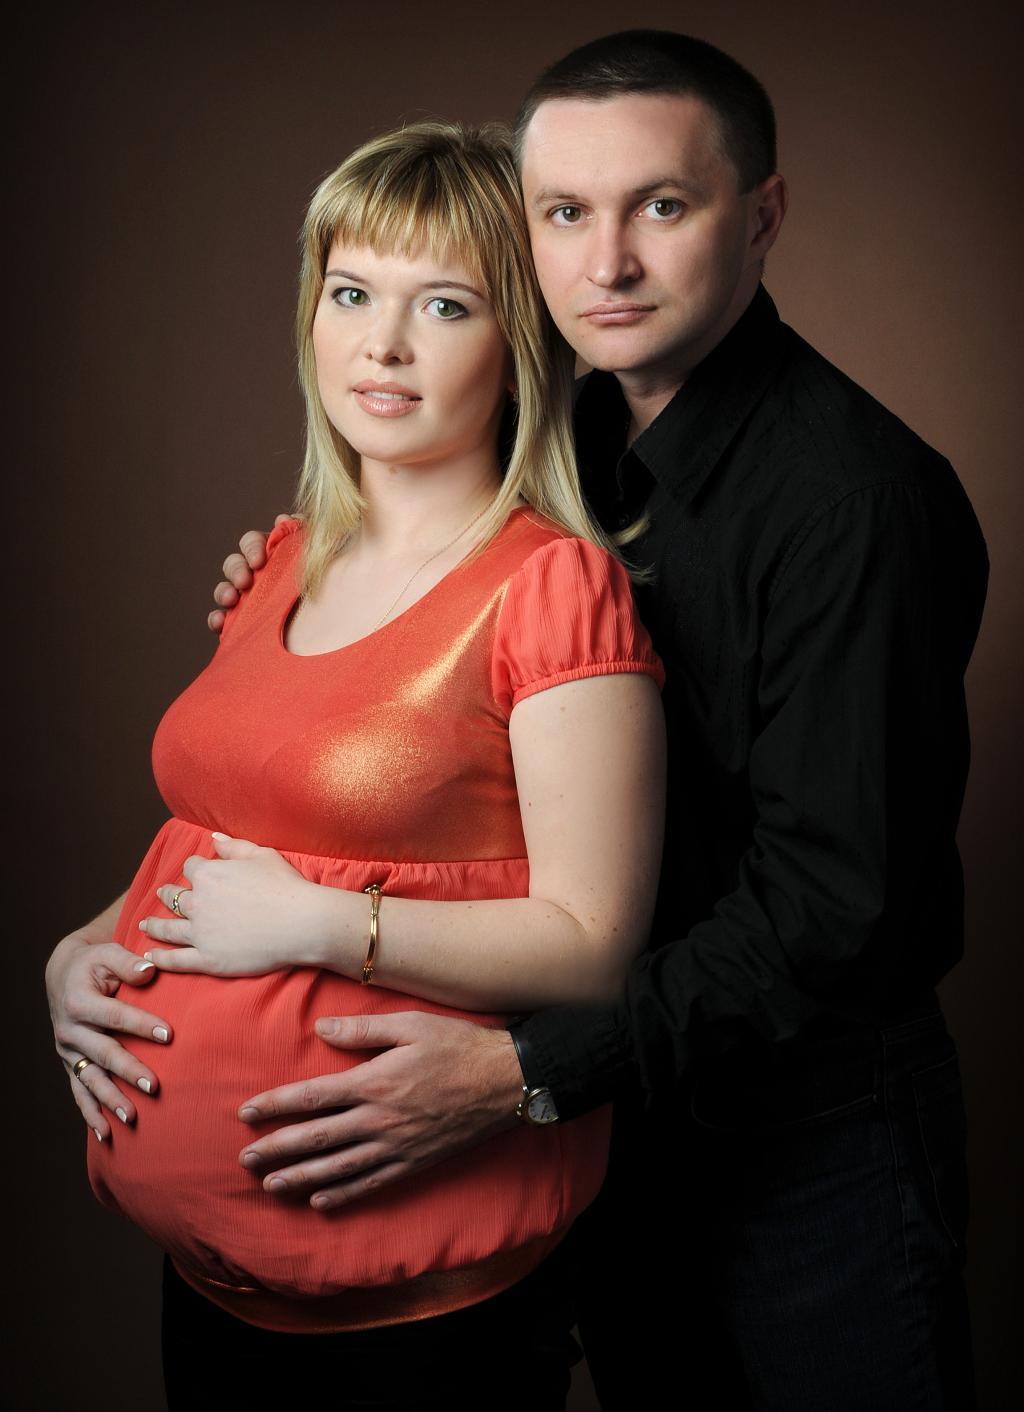 прекрасная пара. Закрытое голосование фотоконкурса 'Стильная беременность'